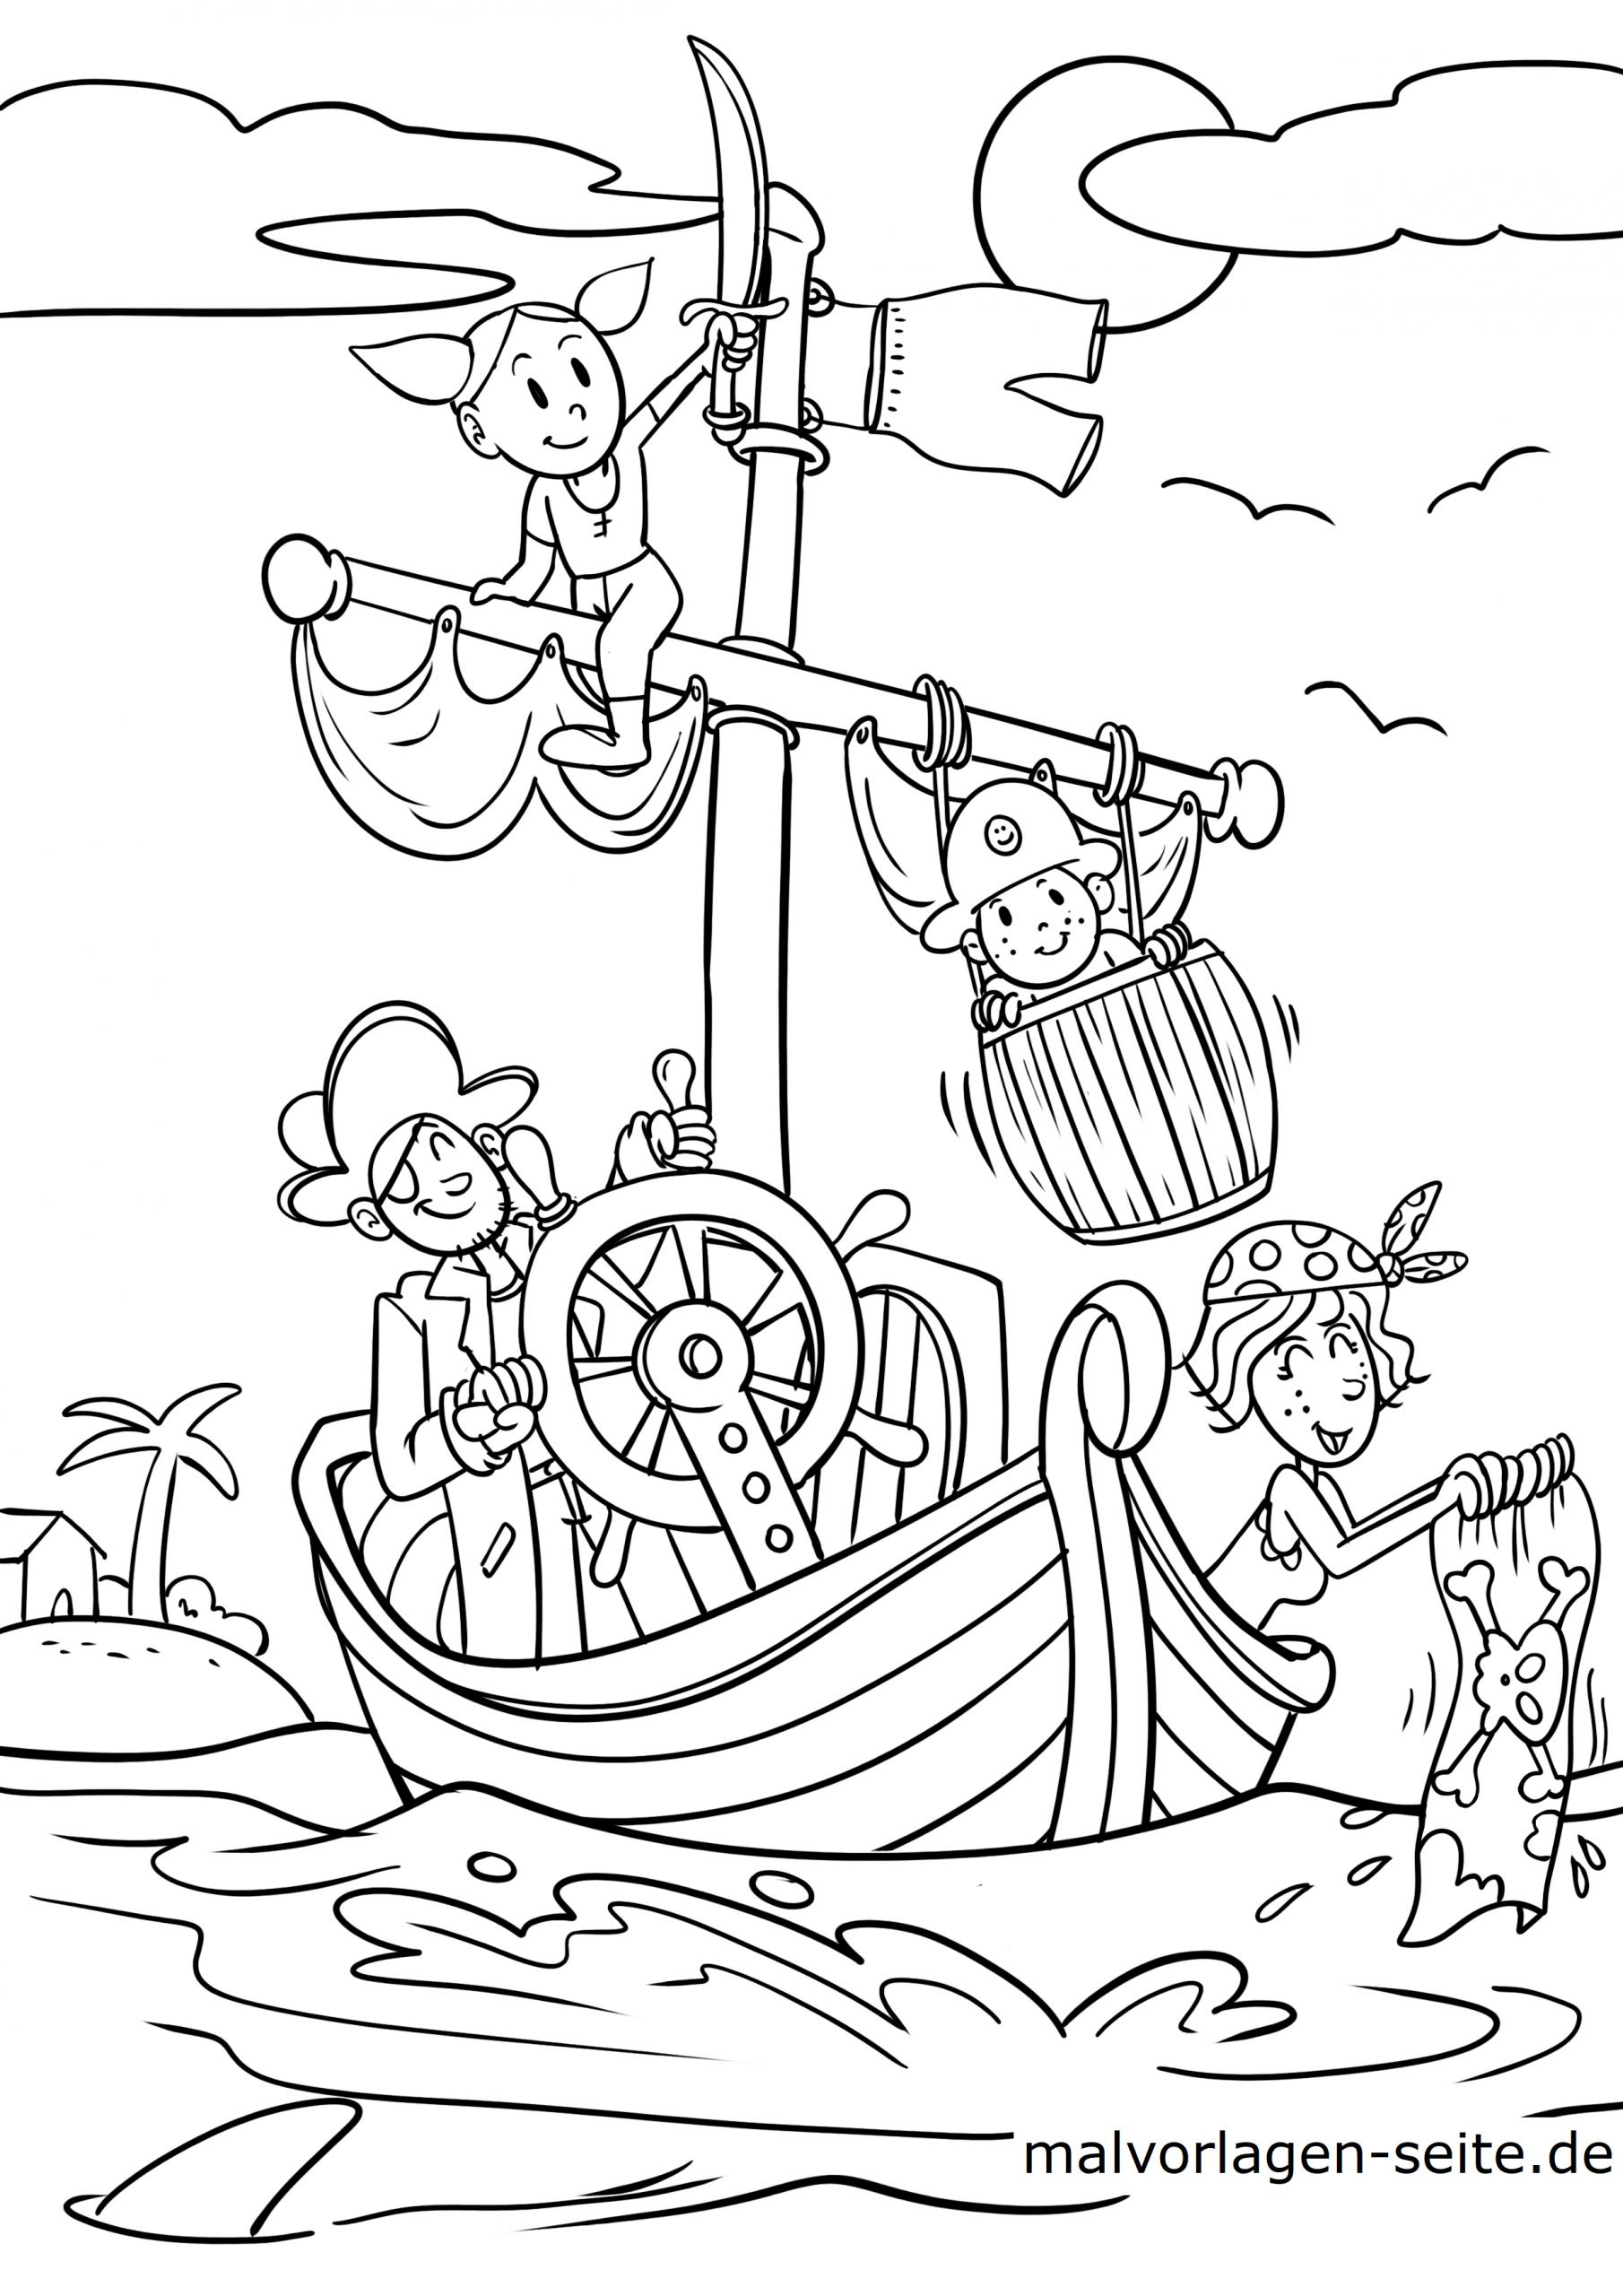 Malvorlage Pirat - Ausmalbilder Kostenlos Herunterladen über Pirat Malvorlage